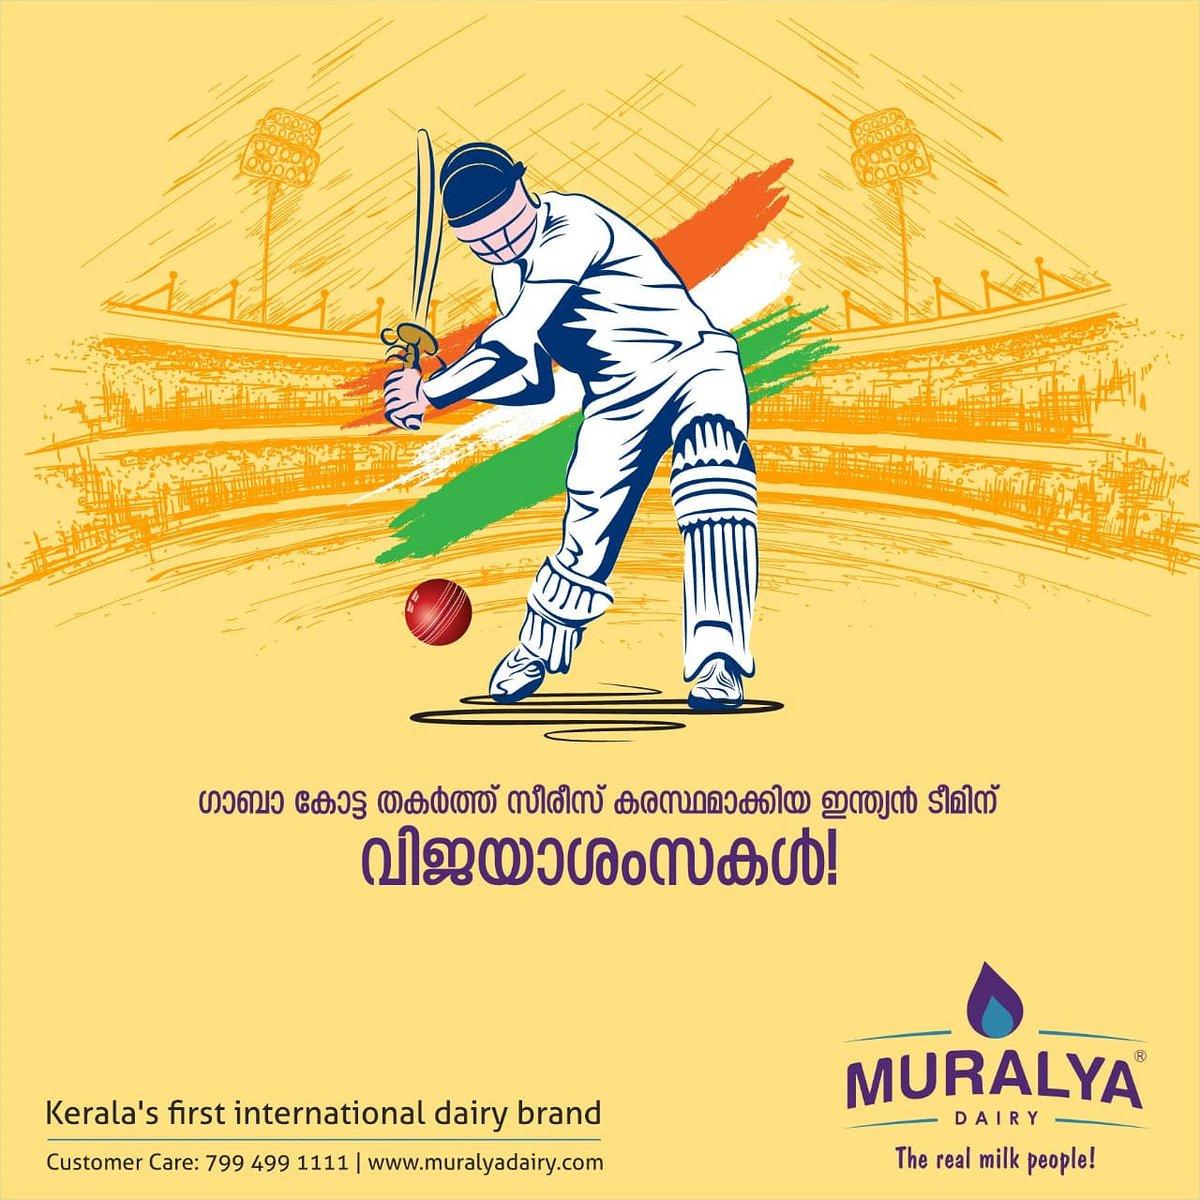 ചരിത്ര വിജയം കരസ്ഥമാക്കിയ ടീം ഇന്ത്യയ്ക്ക് ആശംസകള്!  #IndianCricketTeam #IndianCricket #MuralyaDairy #Muralya  #GabaTest #GabaVictory #IndVsAus #IndVsAusTest #TeamIndia #Congratulations #Cricket #BrisbaneTest #Brisbane #BorderGavaskarTrophy